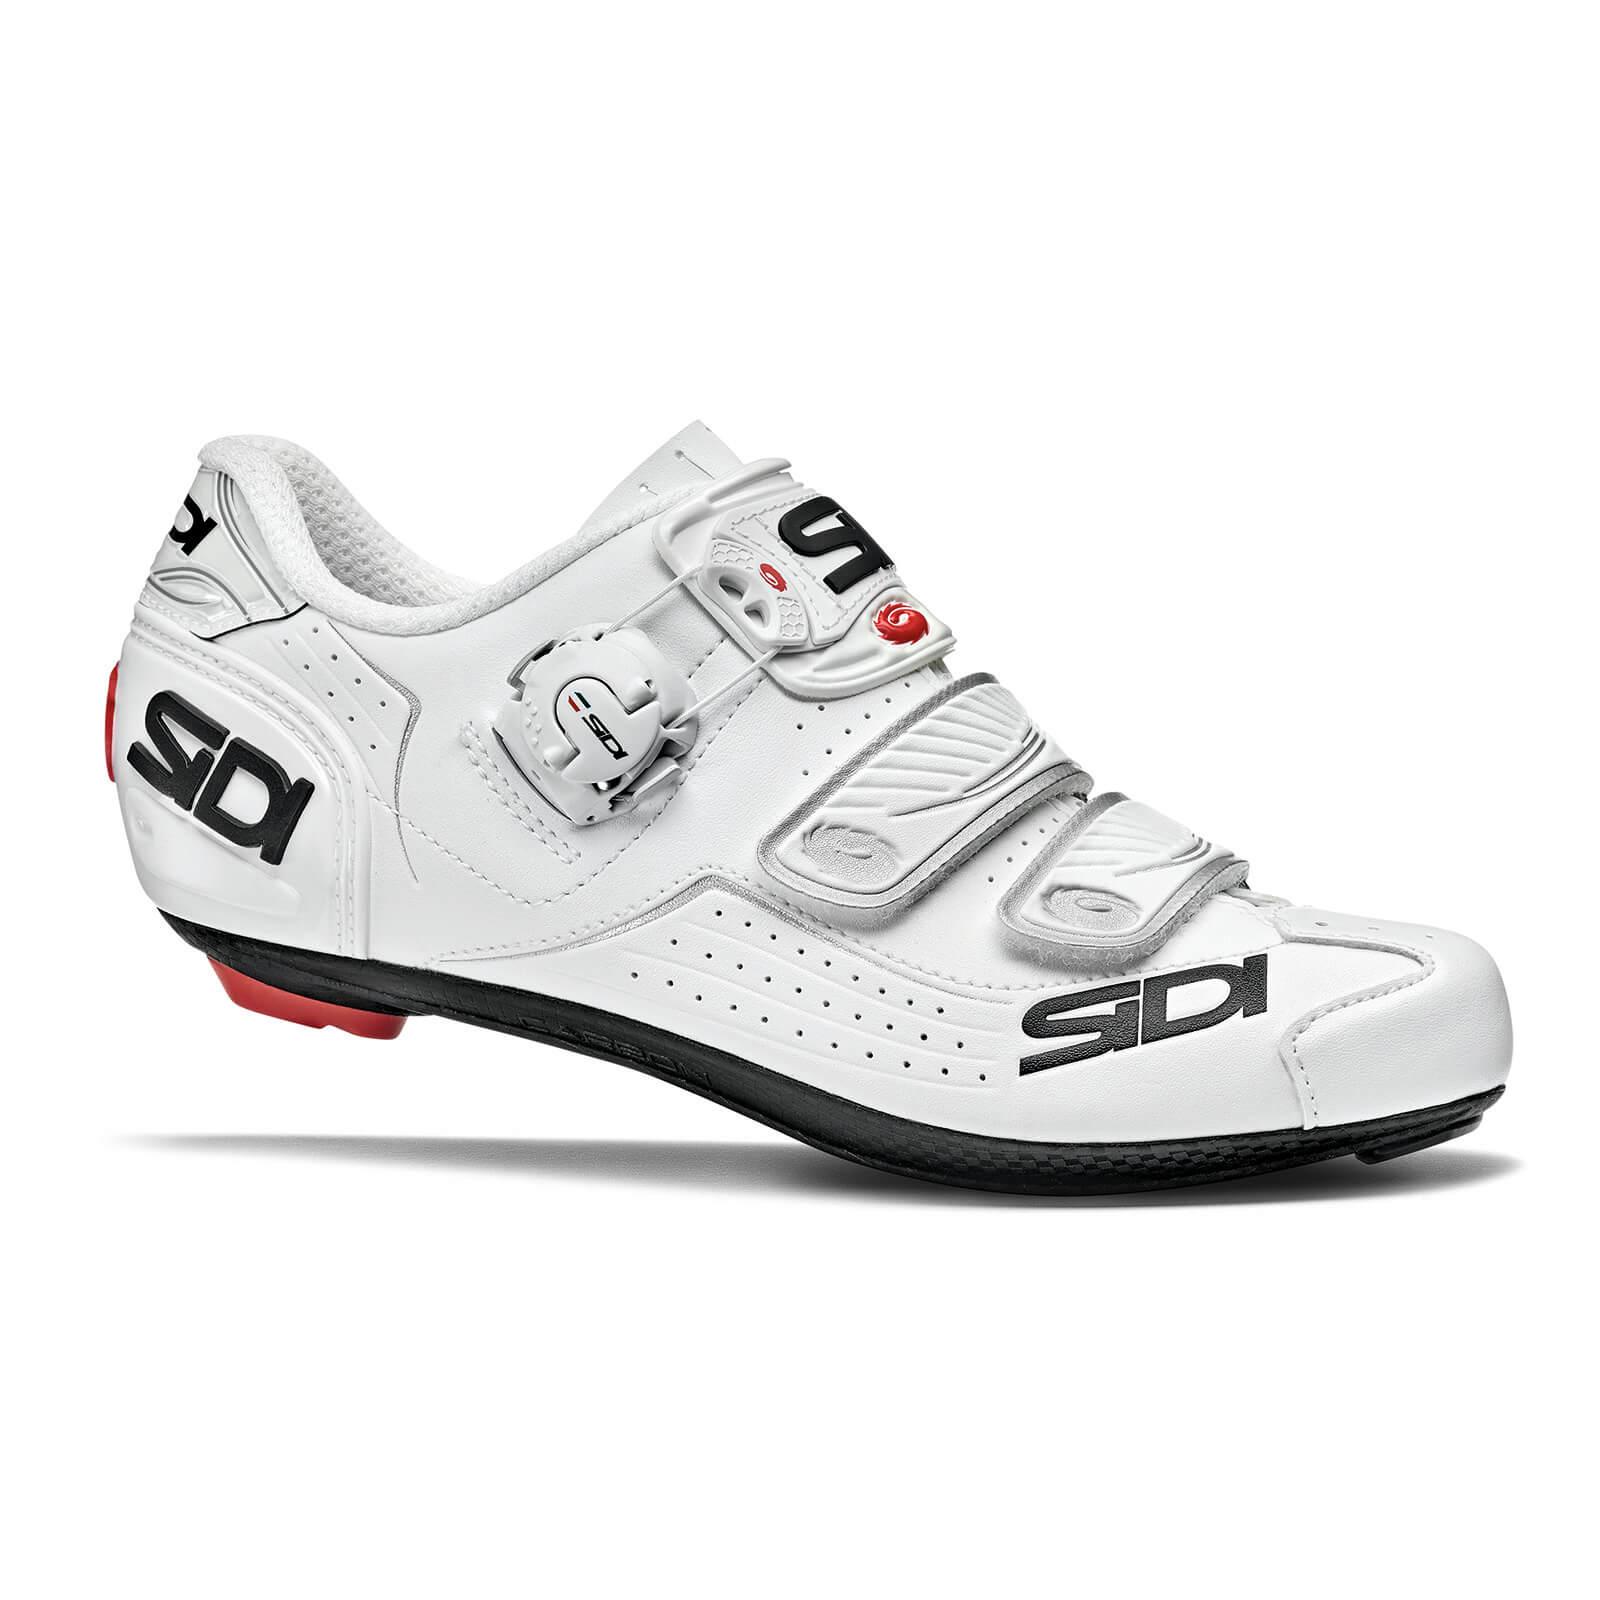 Sidi Women's Alba Road Shoes - White/White - EU 43